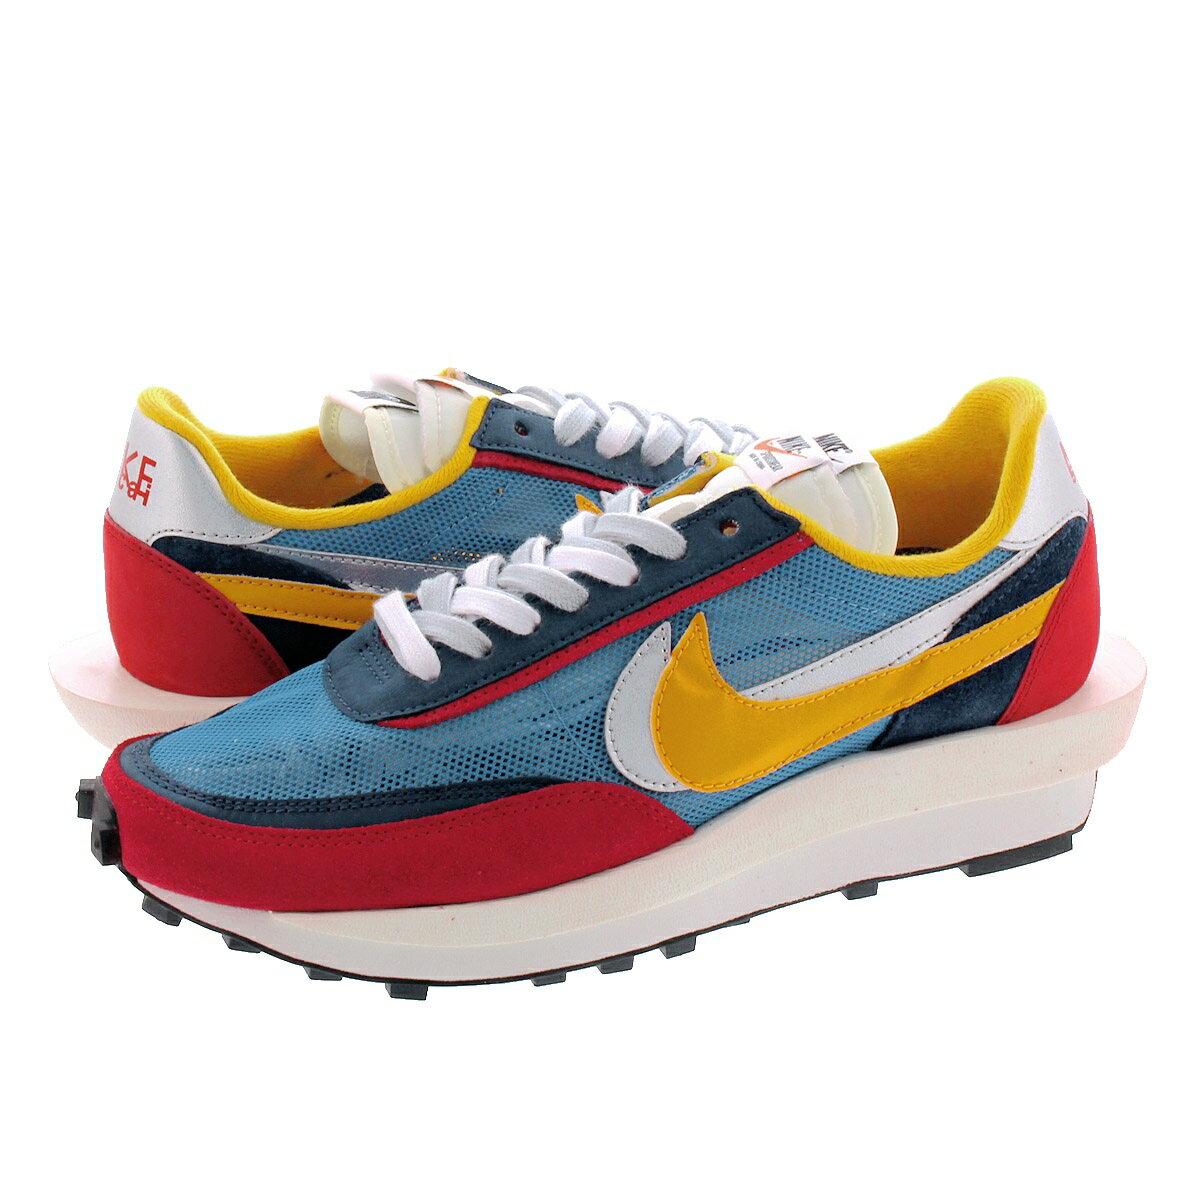 メンズ靴, スニーカー sacai x NIKE LD WAFFLE x LD VARSITY BLUEDEL SOL bv0073-400